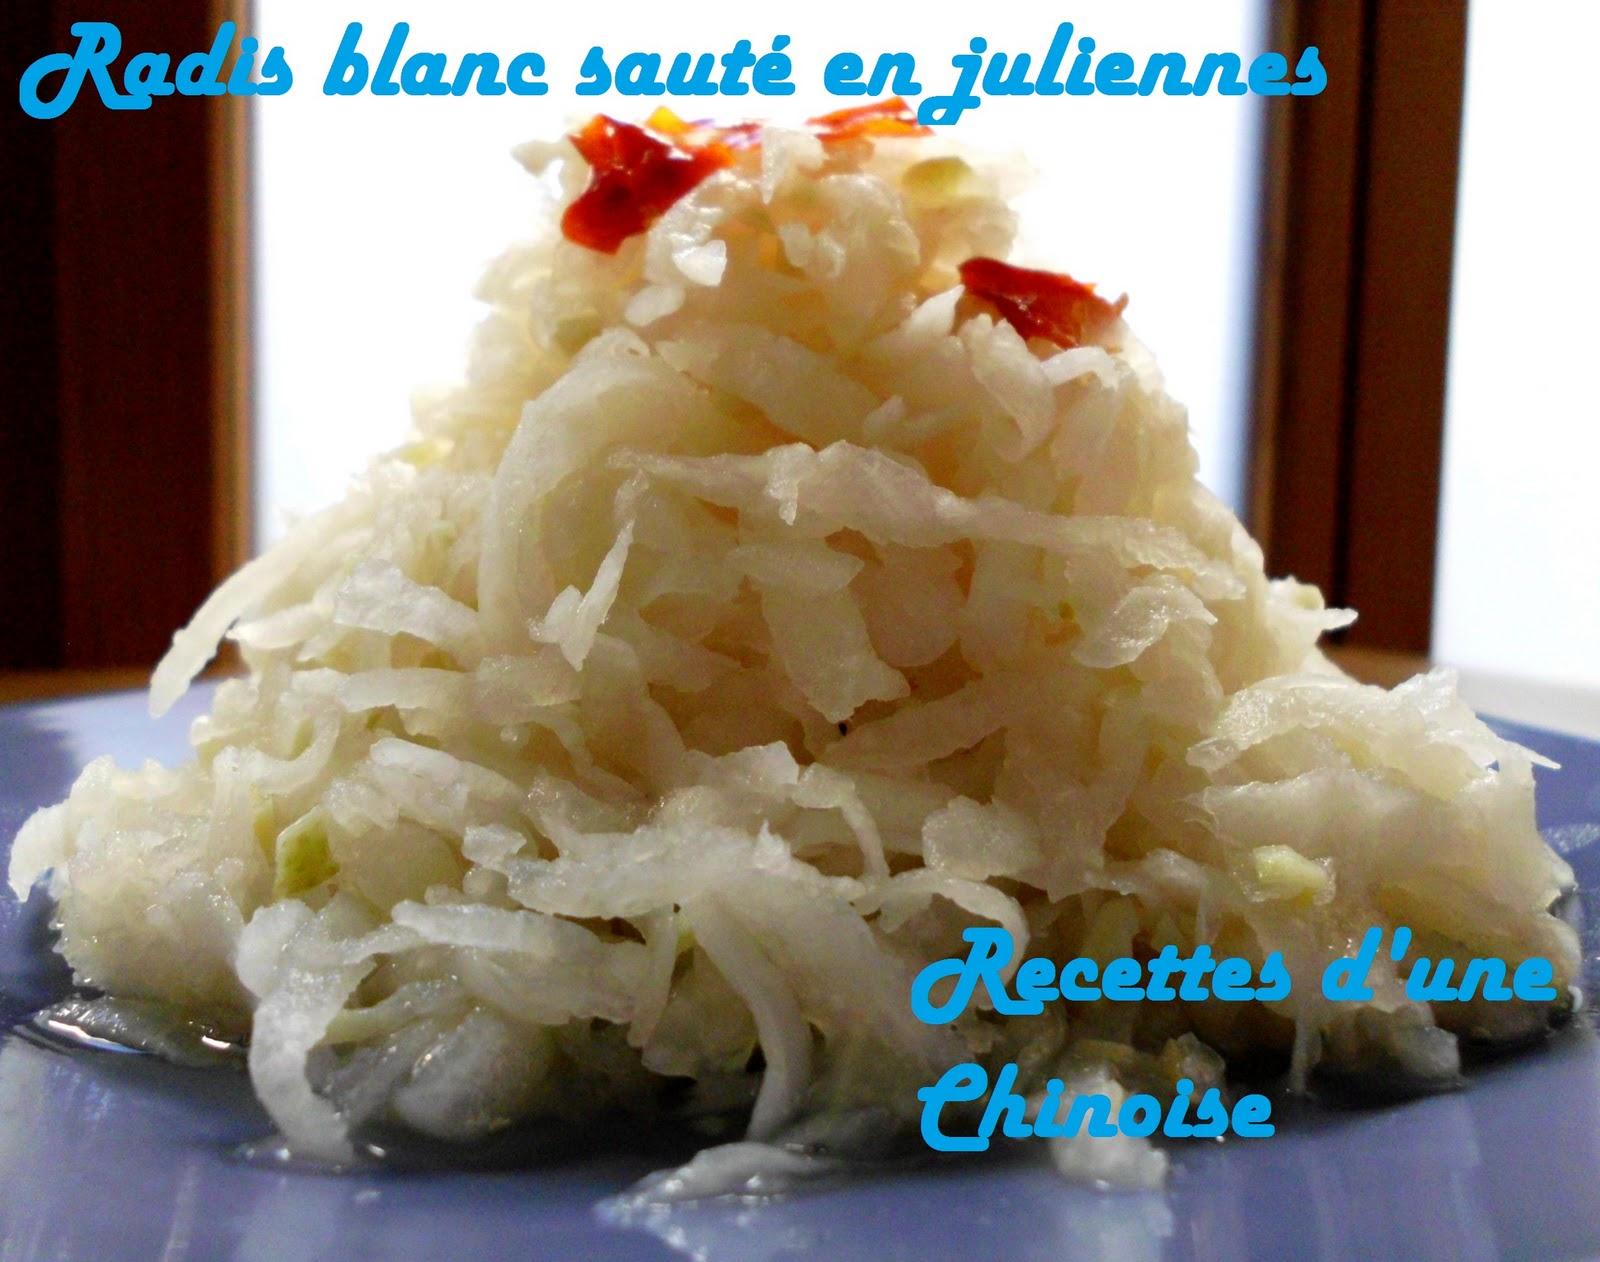 recettes d 39 une chinoise radis blanc saut en juliennes. Black Bedroom Furniture Sets. Home Design Ideas